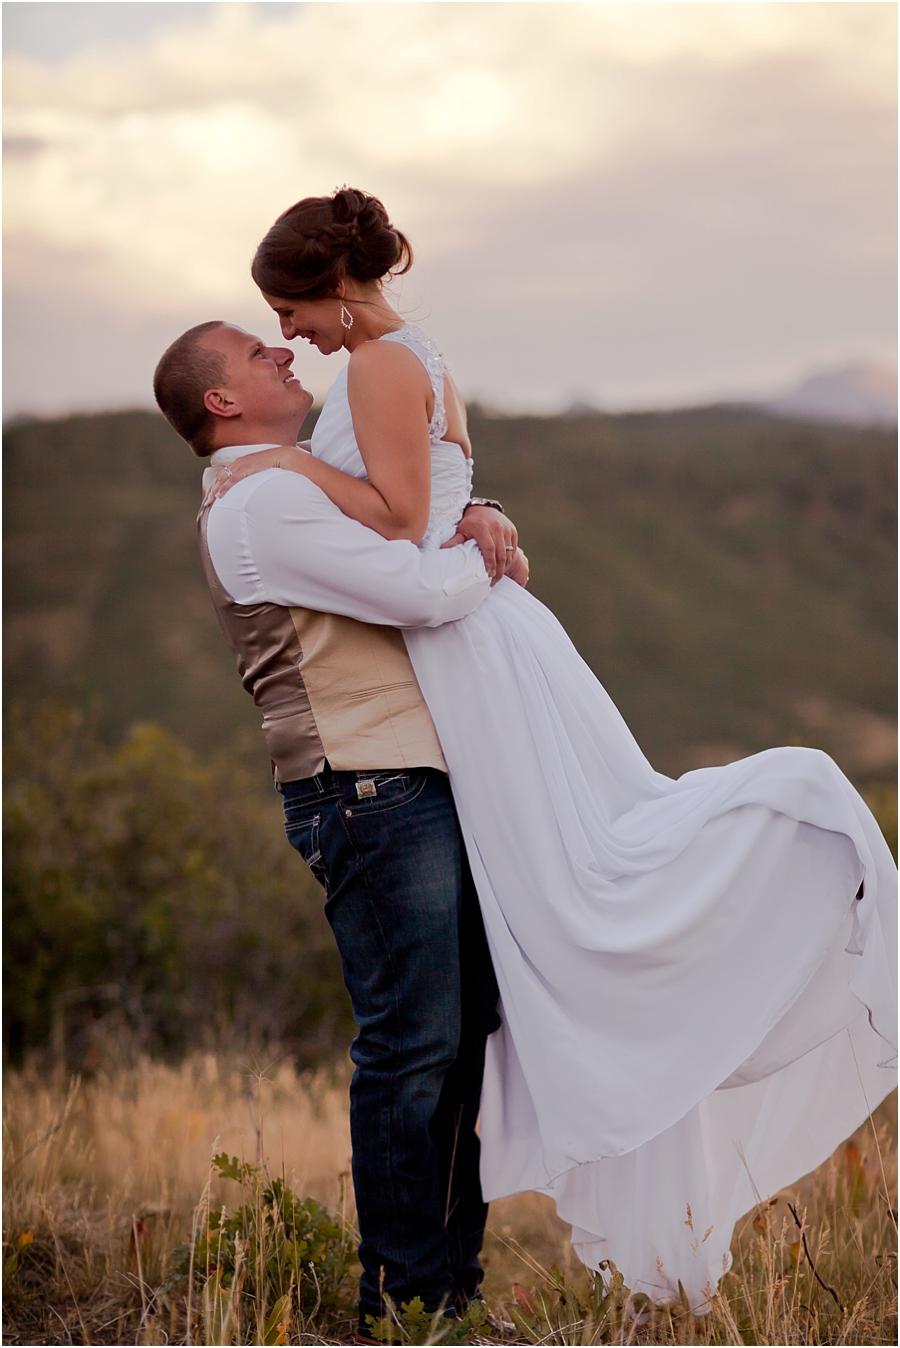 destination-wedding-photography-durango-co.jpg